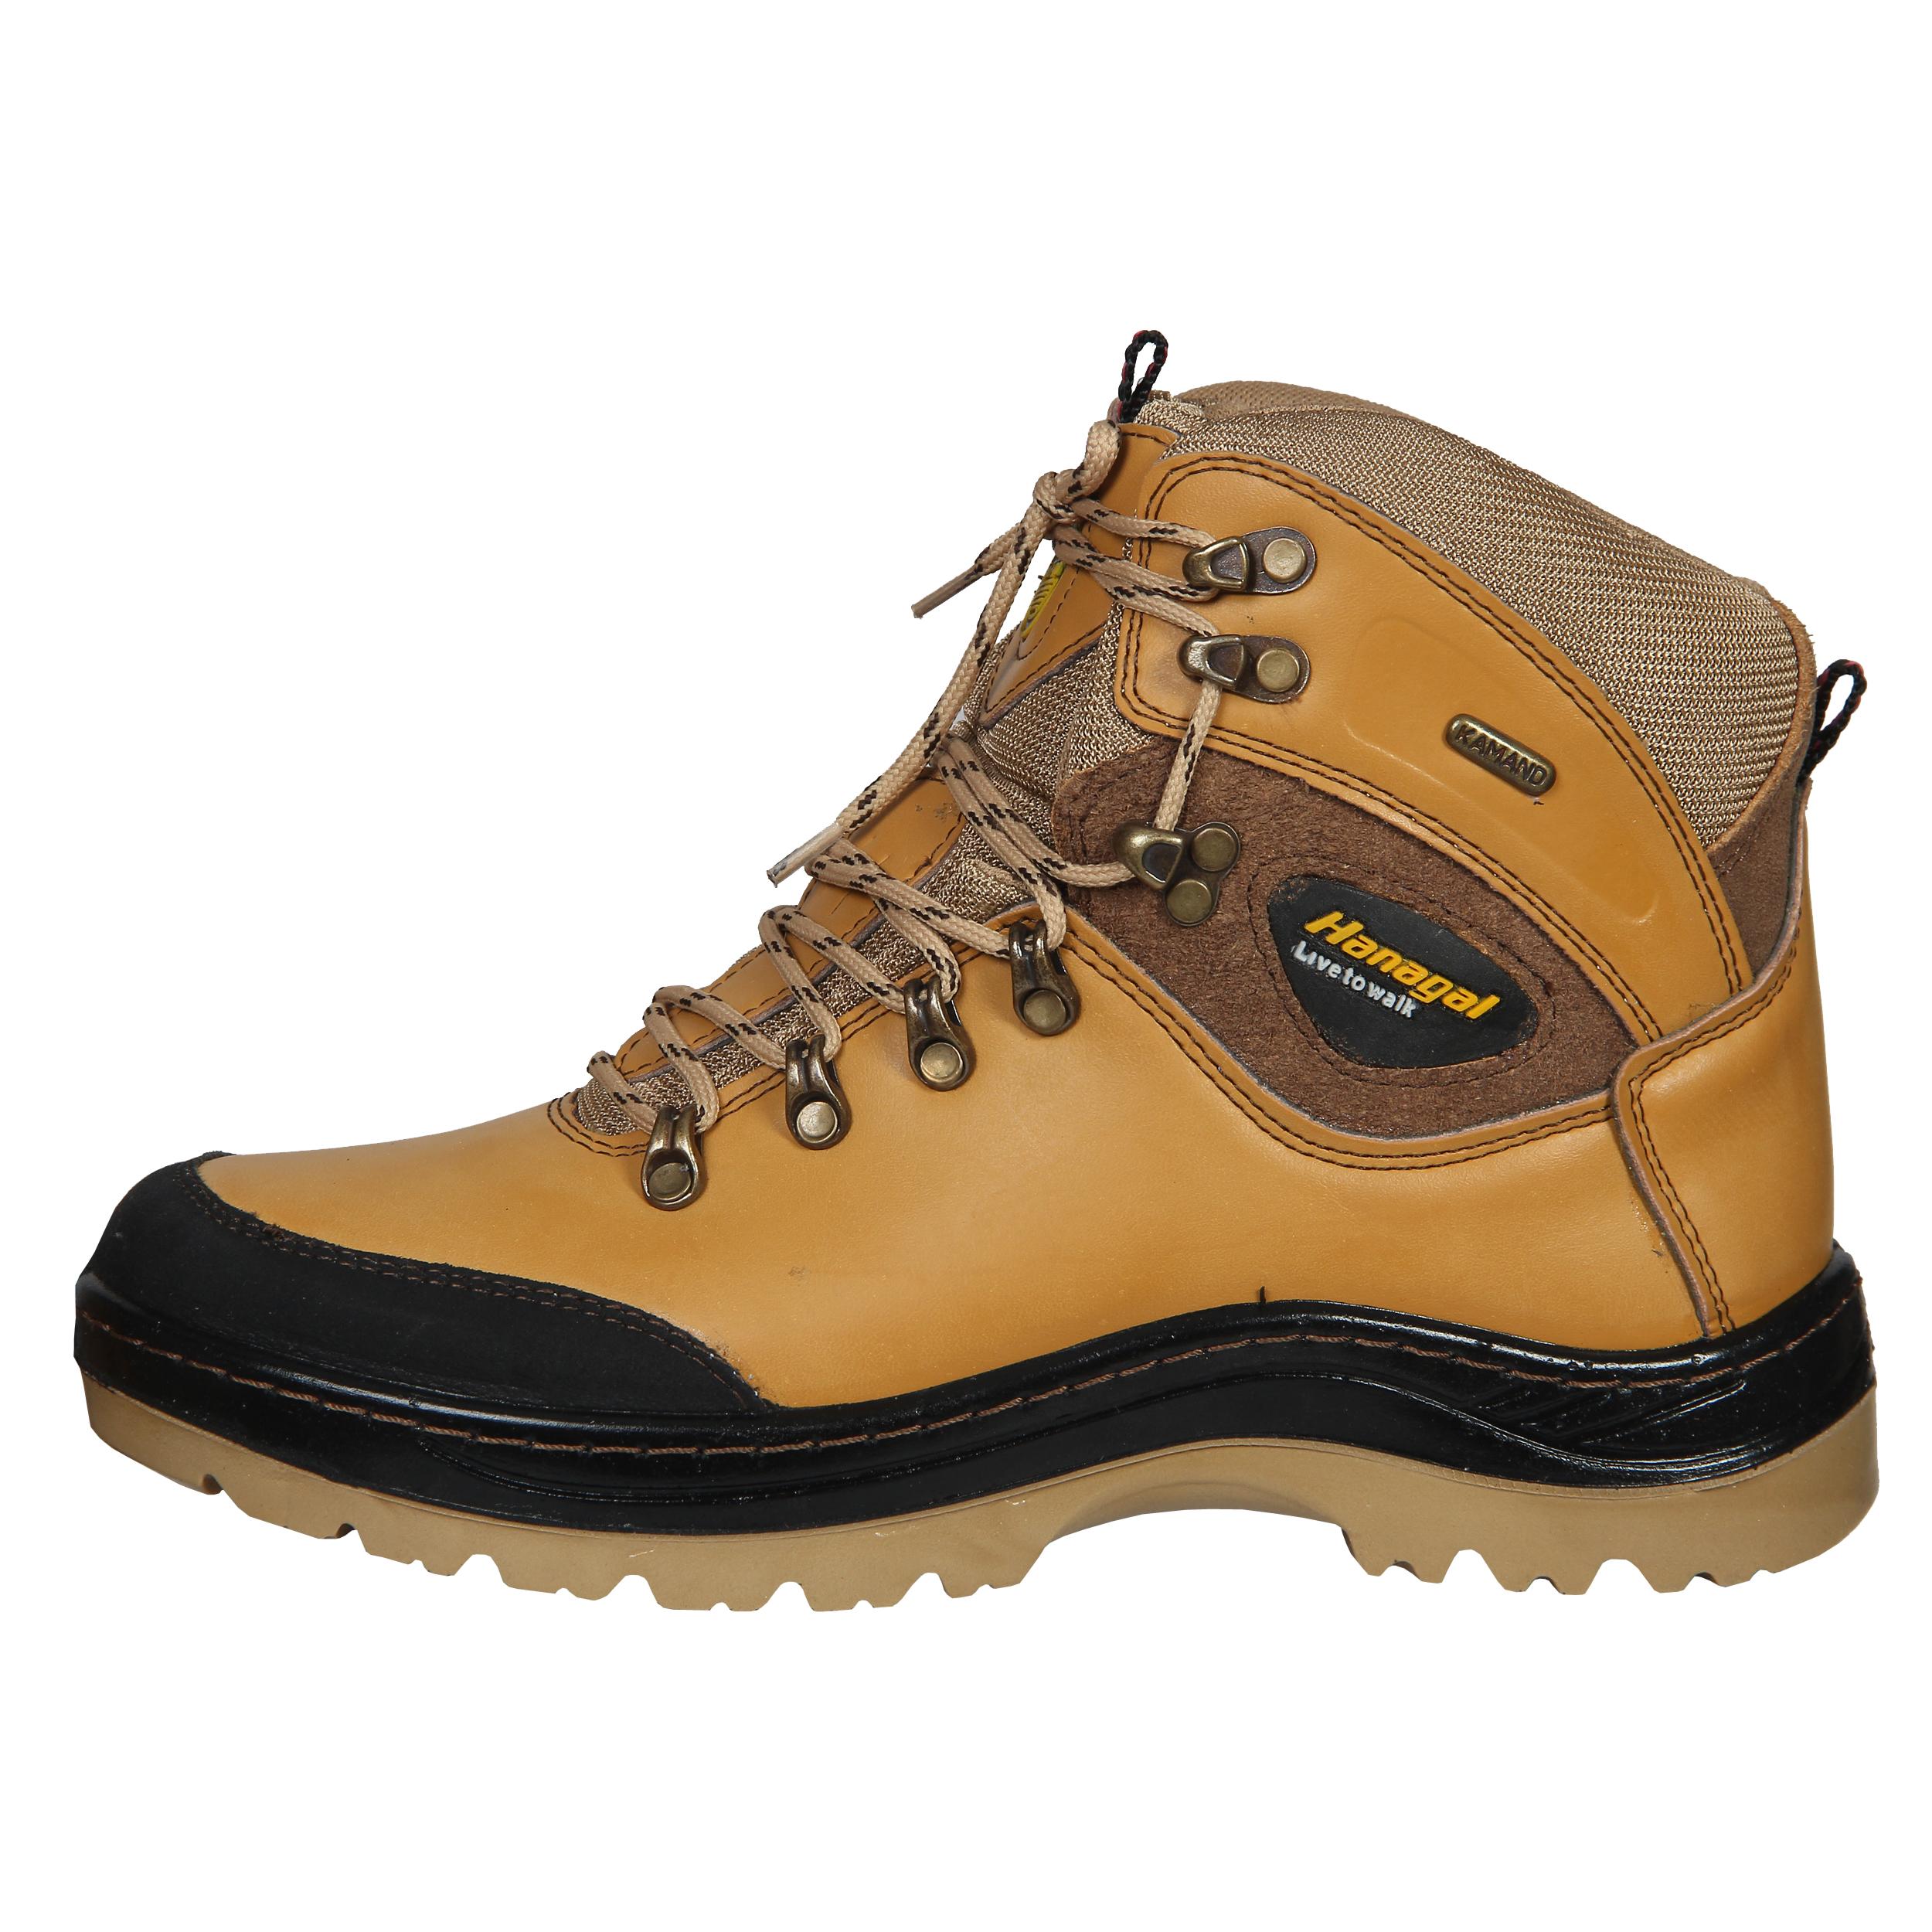 کفش کوهنوردی مردانه سنگام کد 147890